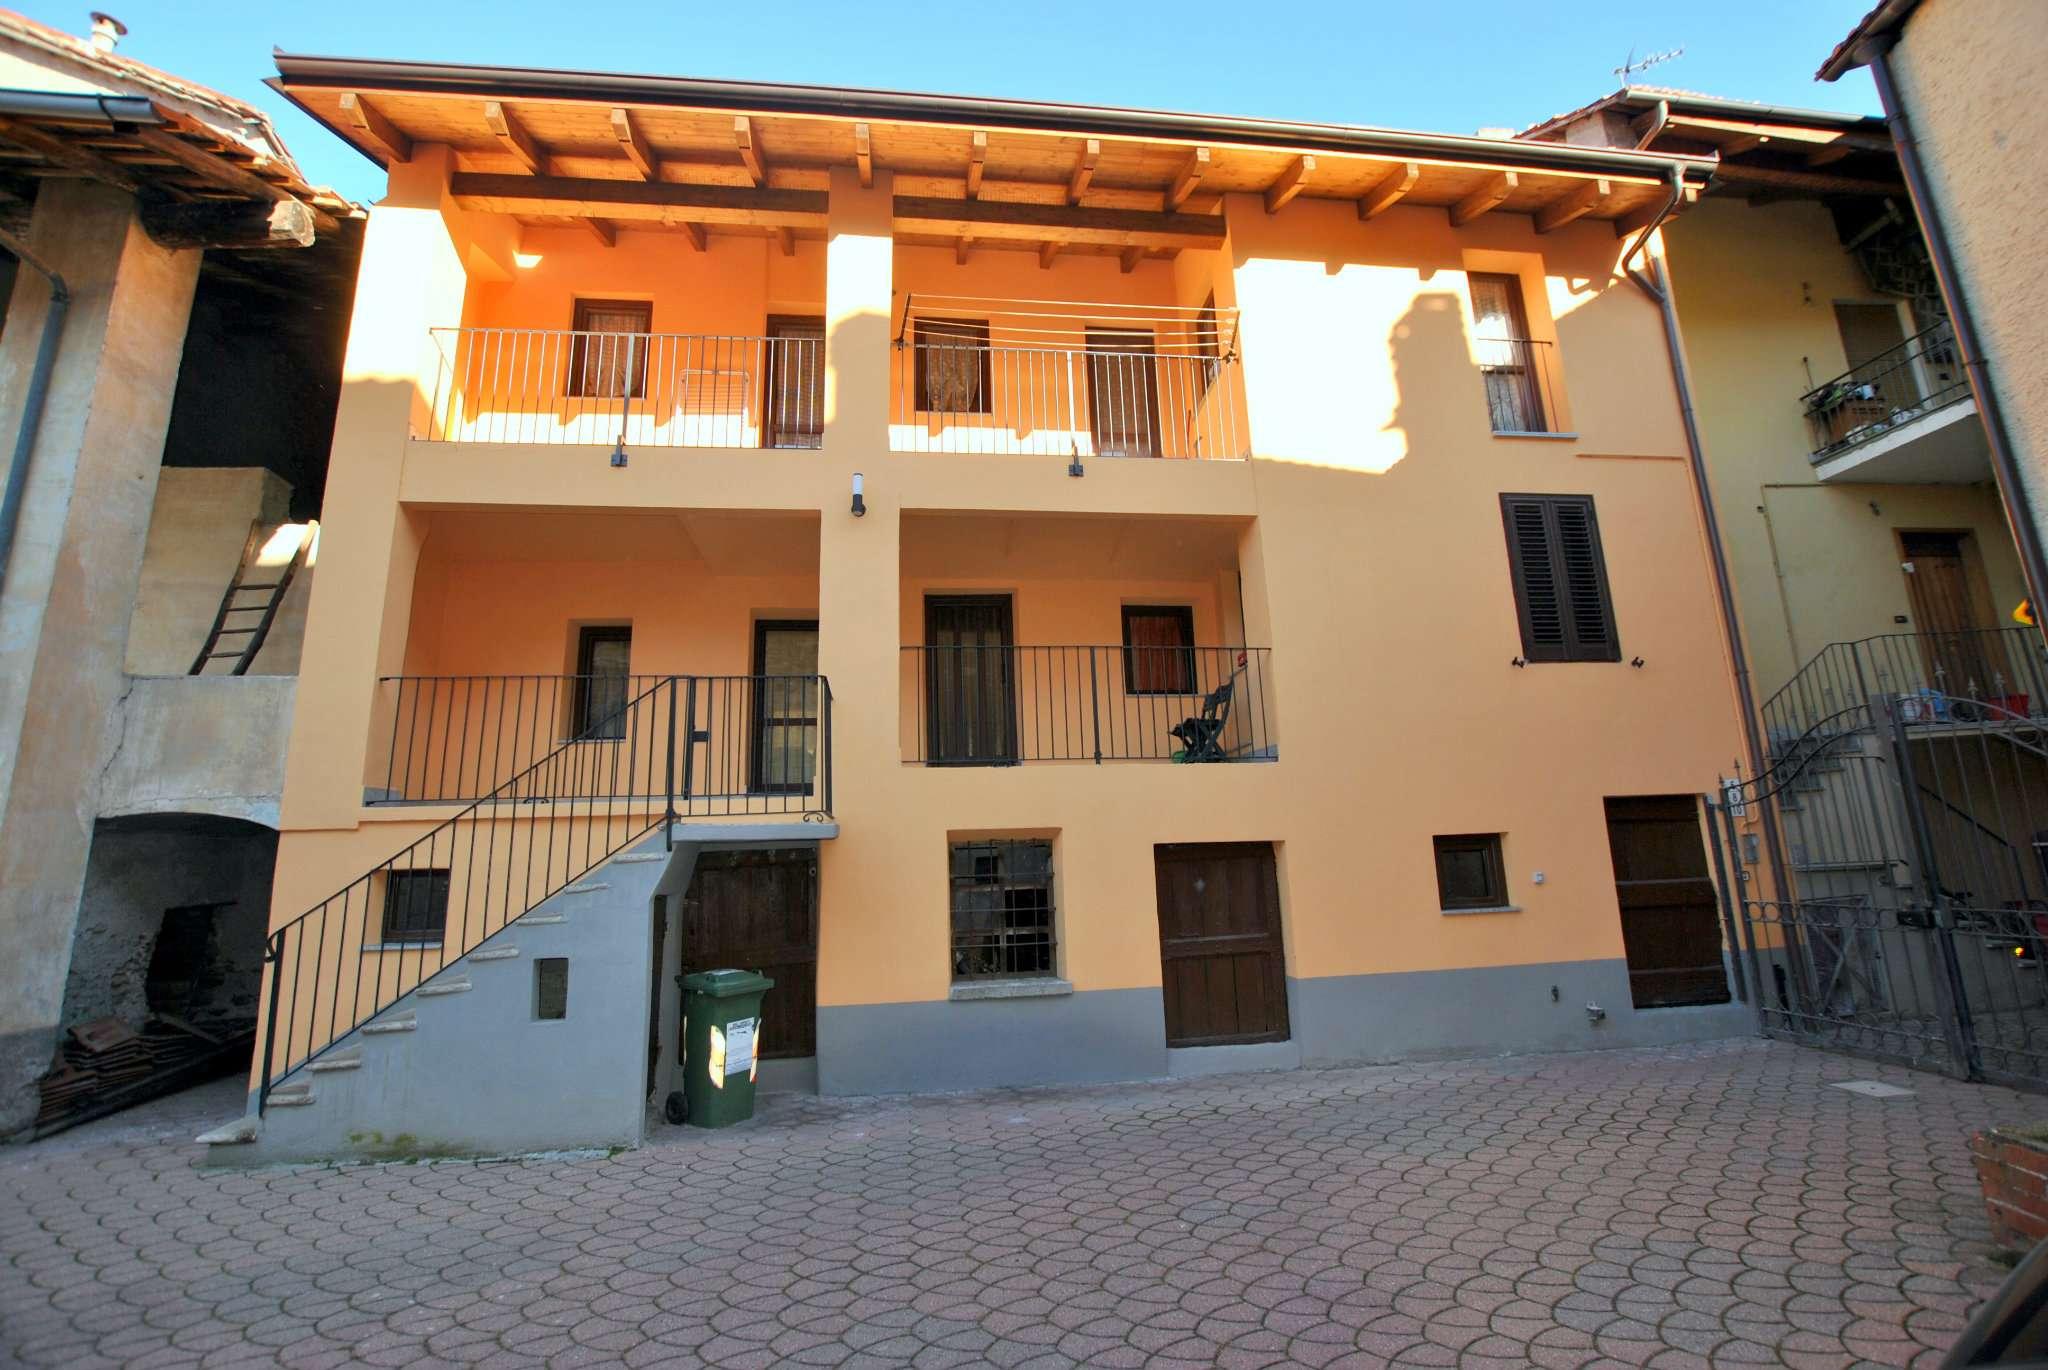 Soluzione Semindipendente in vendita a Borgone Susa, 6 locali, prezzo € 135.000 | CambioCasa.it